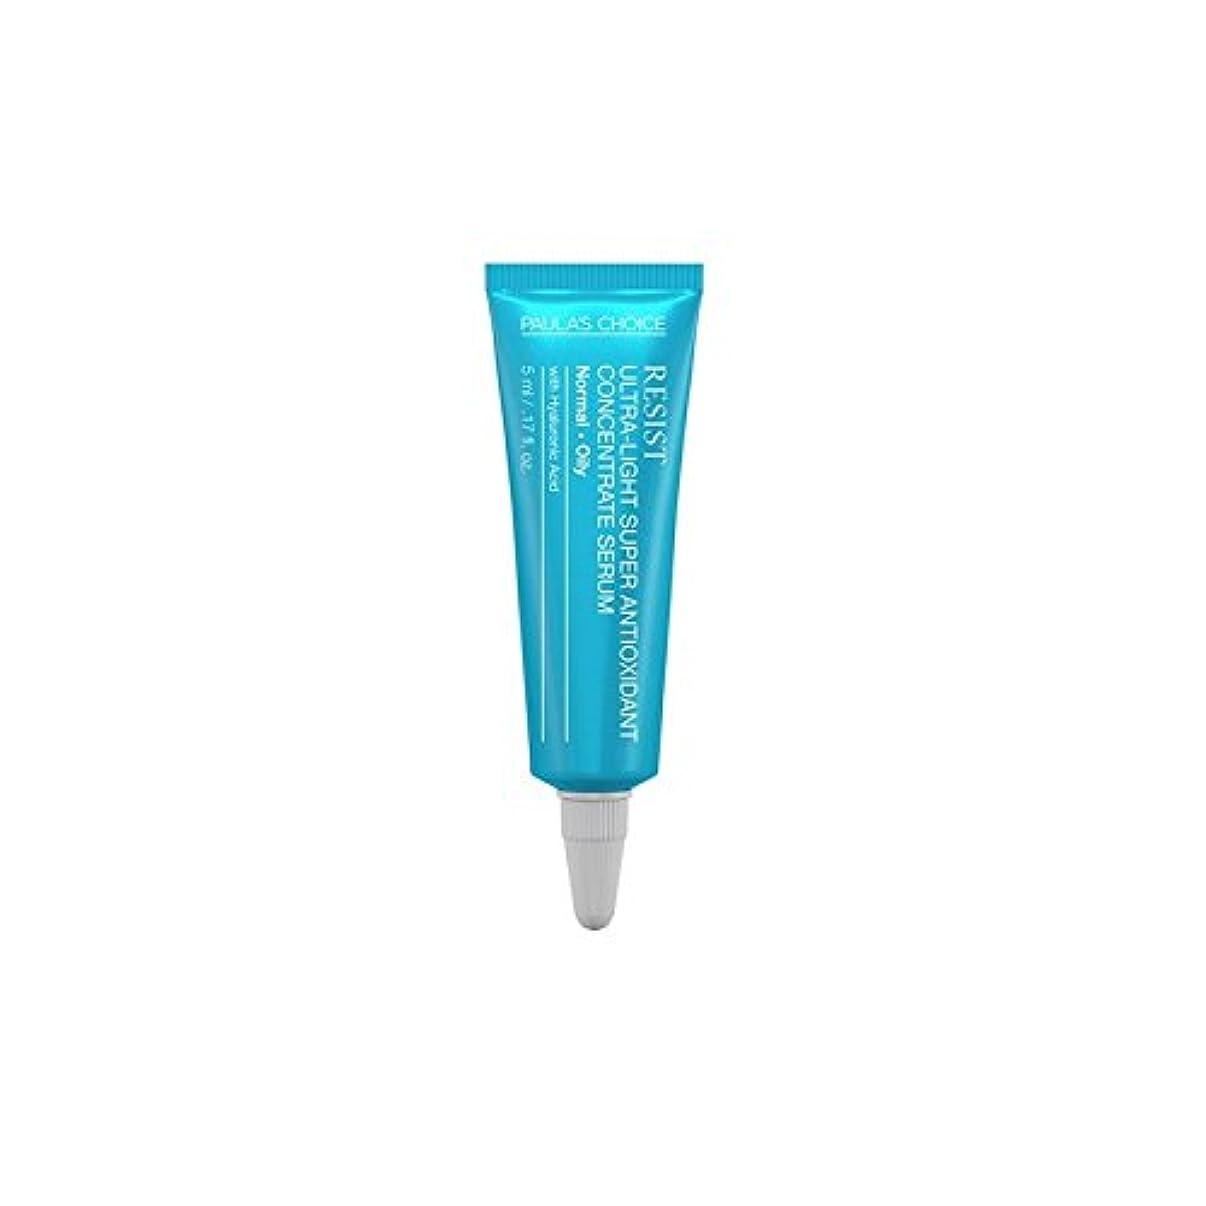 リットルシンカンファウルPaula's Choice Resist Ultra-Light Super Antioxidant Concentrate Serum - Trial Size (5ml) (Pack of 6) - トライアルサイズ(5ミリリットル) - ポーラチョイスは、超軽量のスーパー抗酸化濃縮血清に抵抗します x6 [並行輸入品]